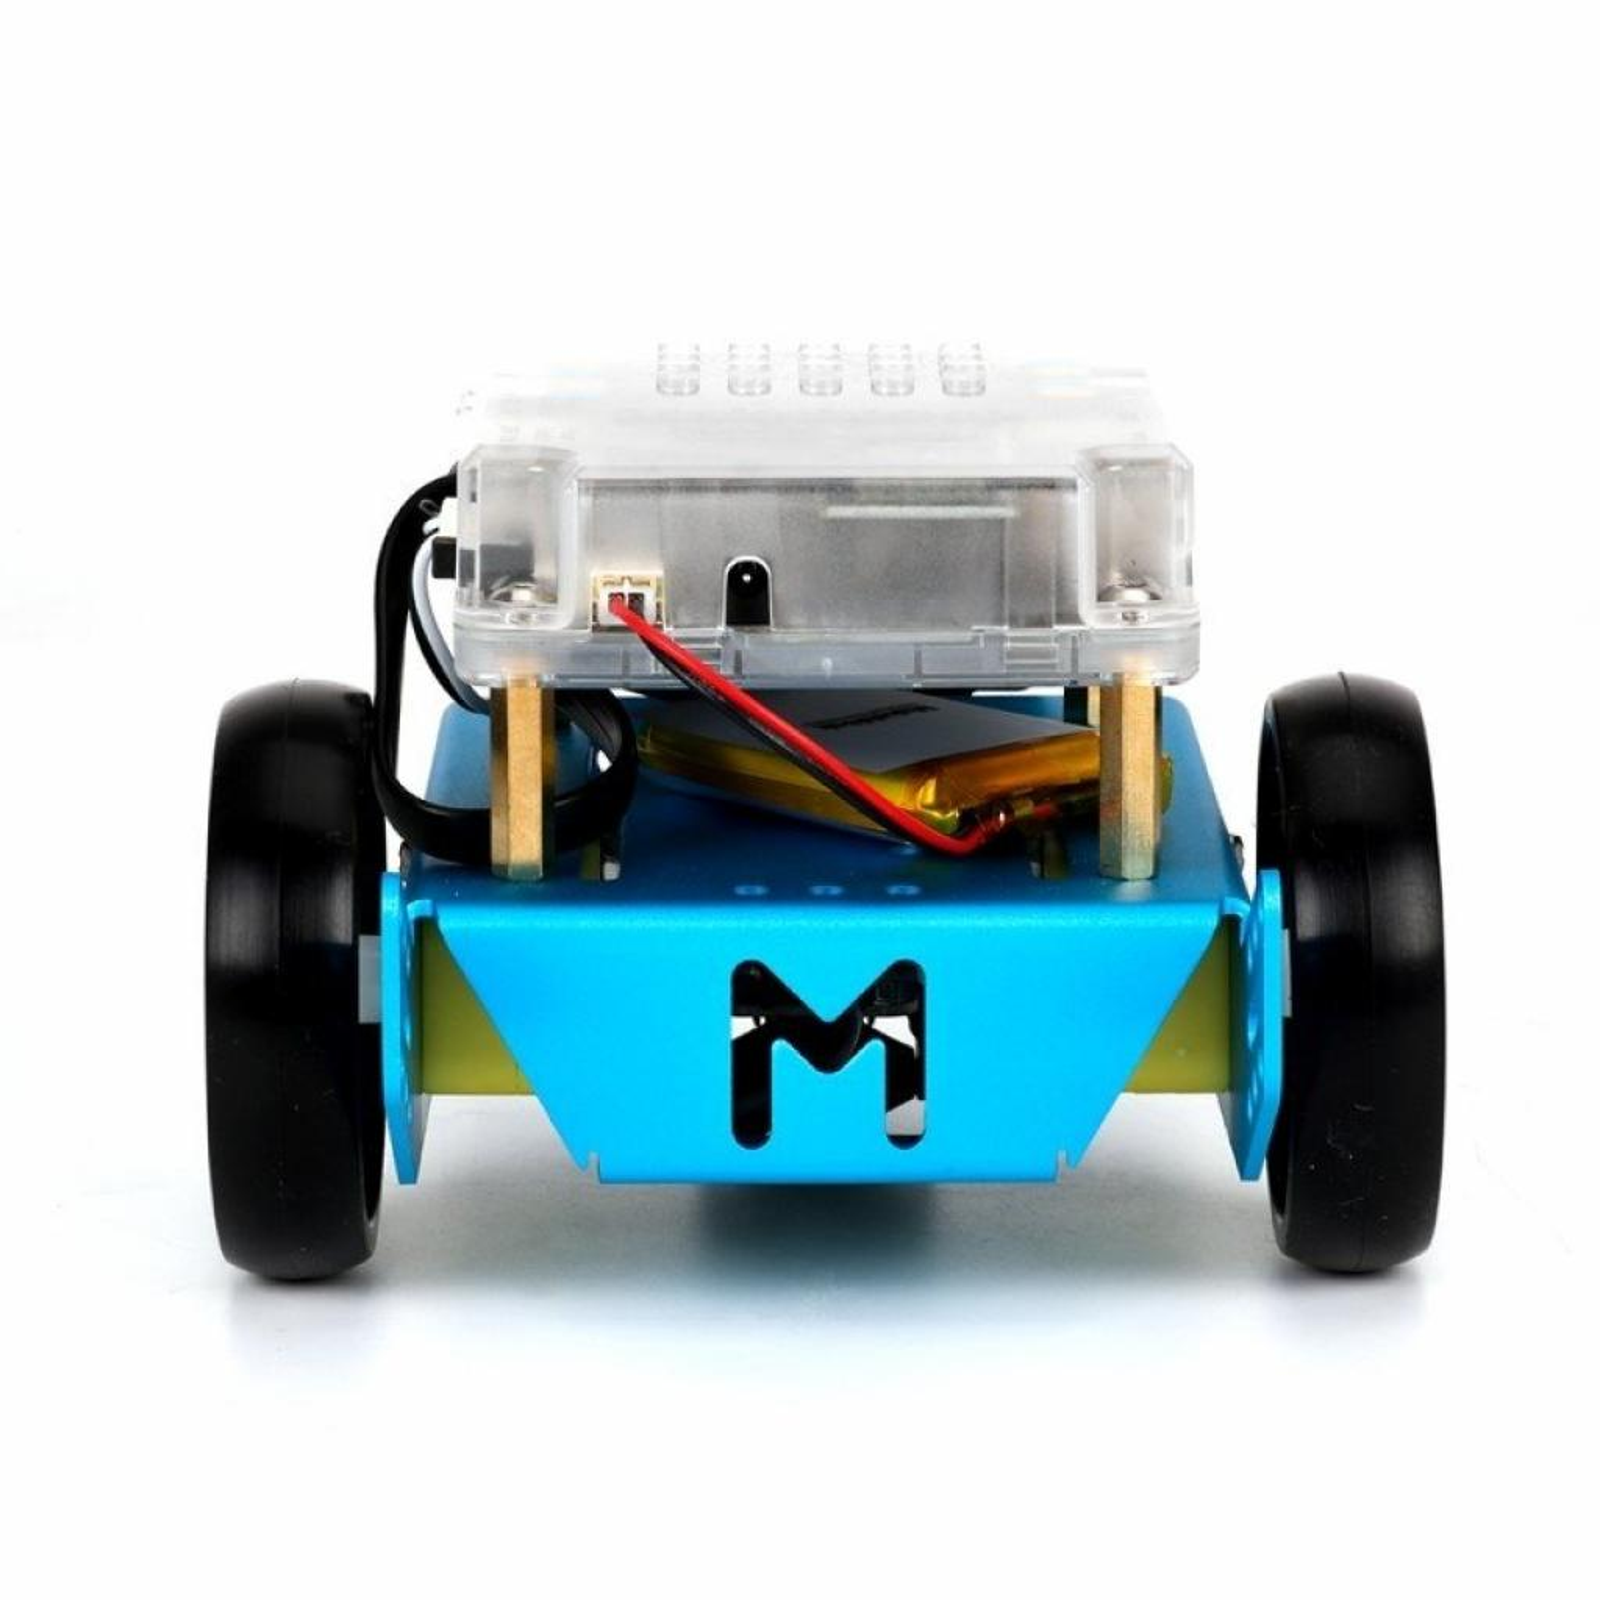 Робот Makeblock mBot v1.1 BT Blue (09.00.53) изображение 3